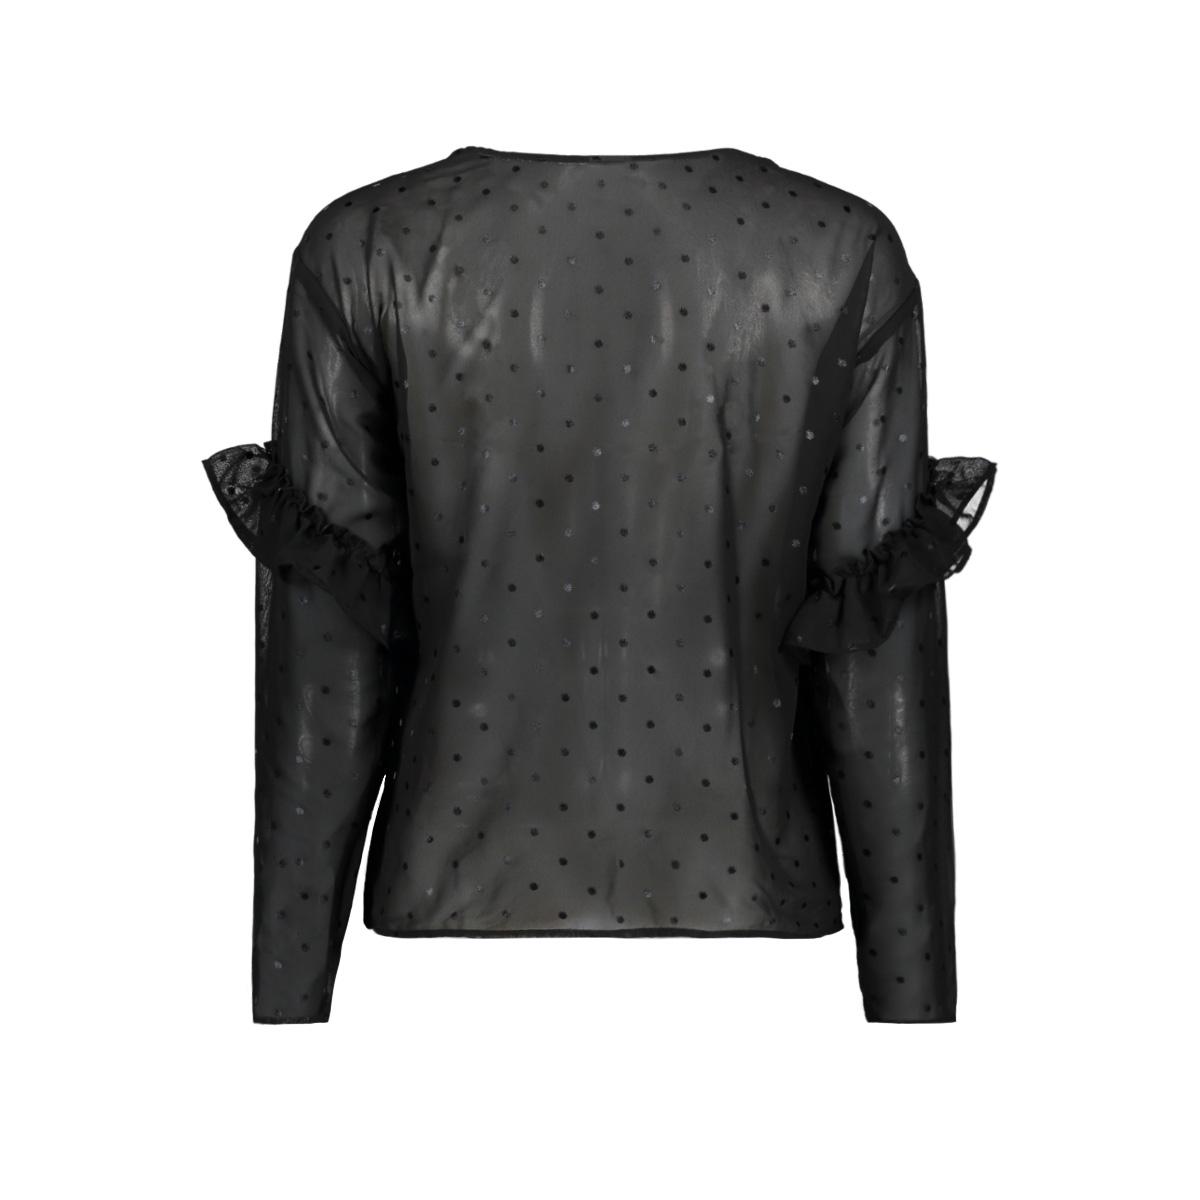 jdymissy l/s frill foil top wvn 15145525 jacqueline de yong blouse black/ black dots